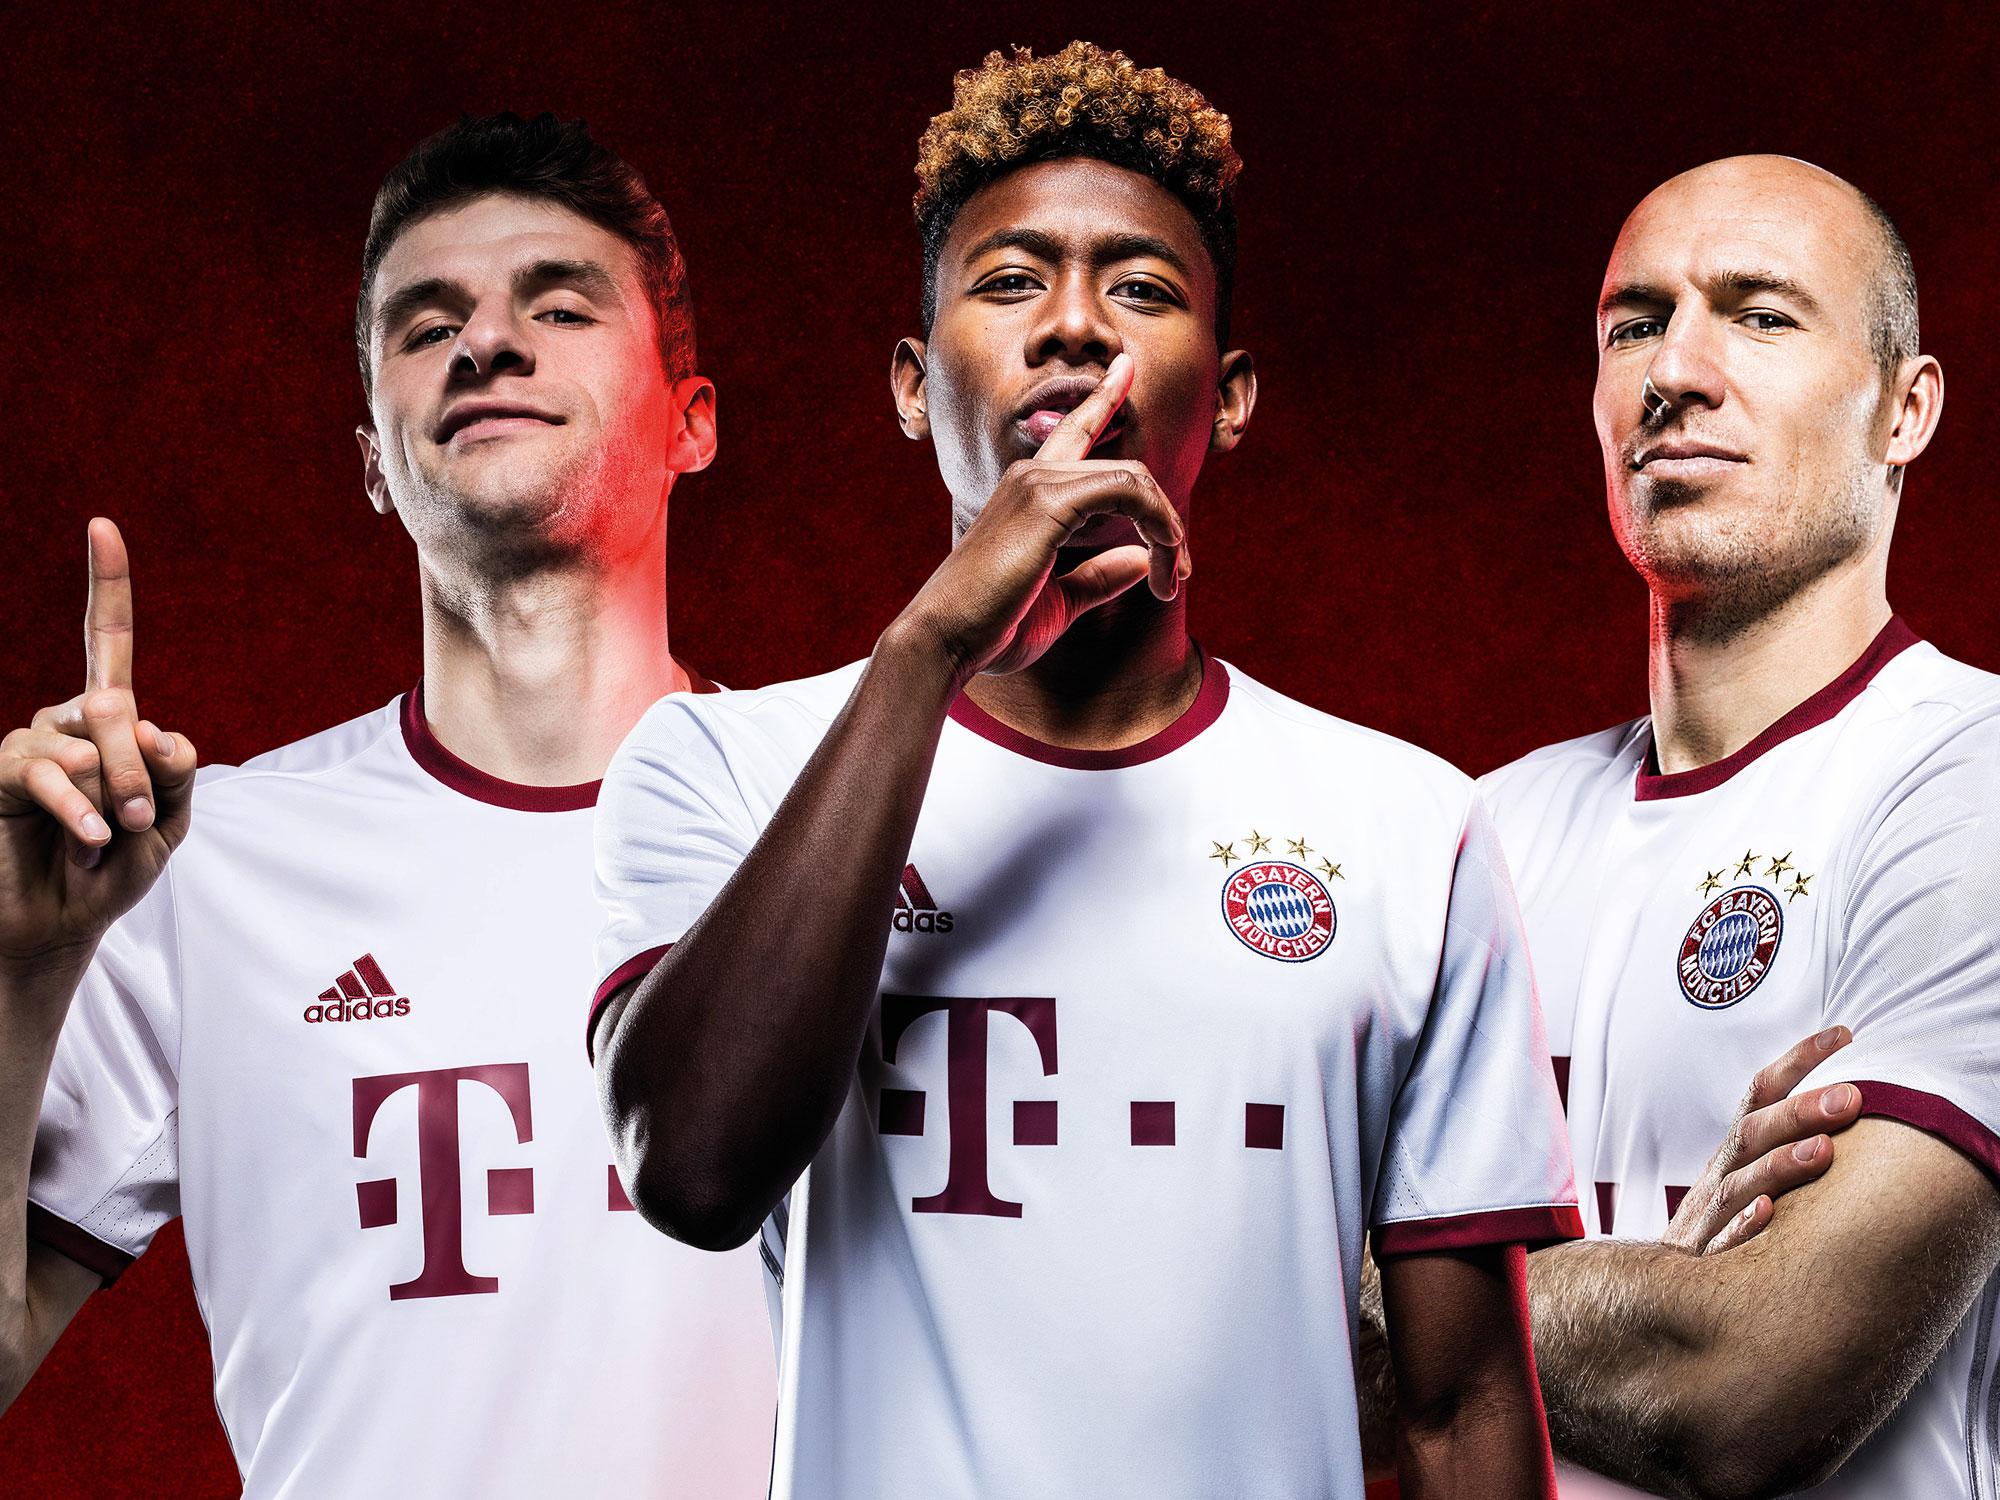 Bayern Munich's new third uniform